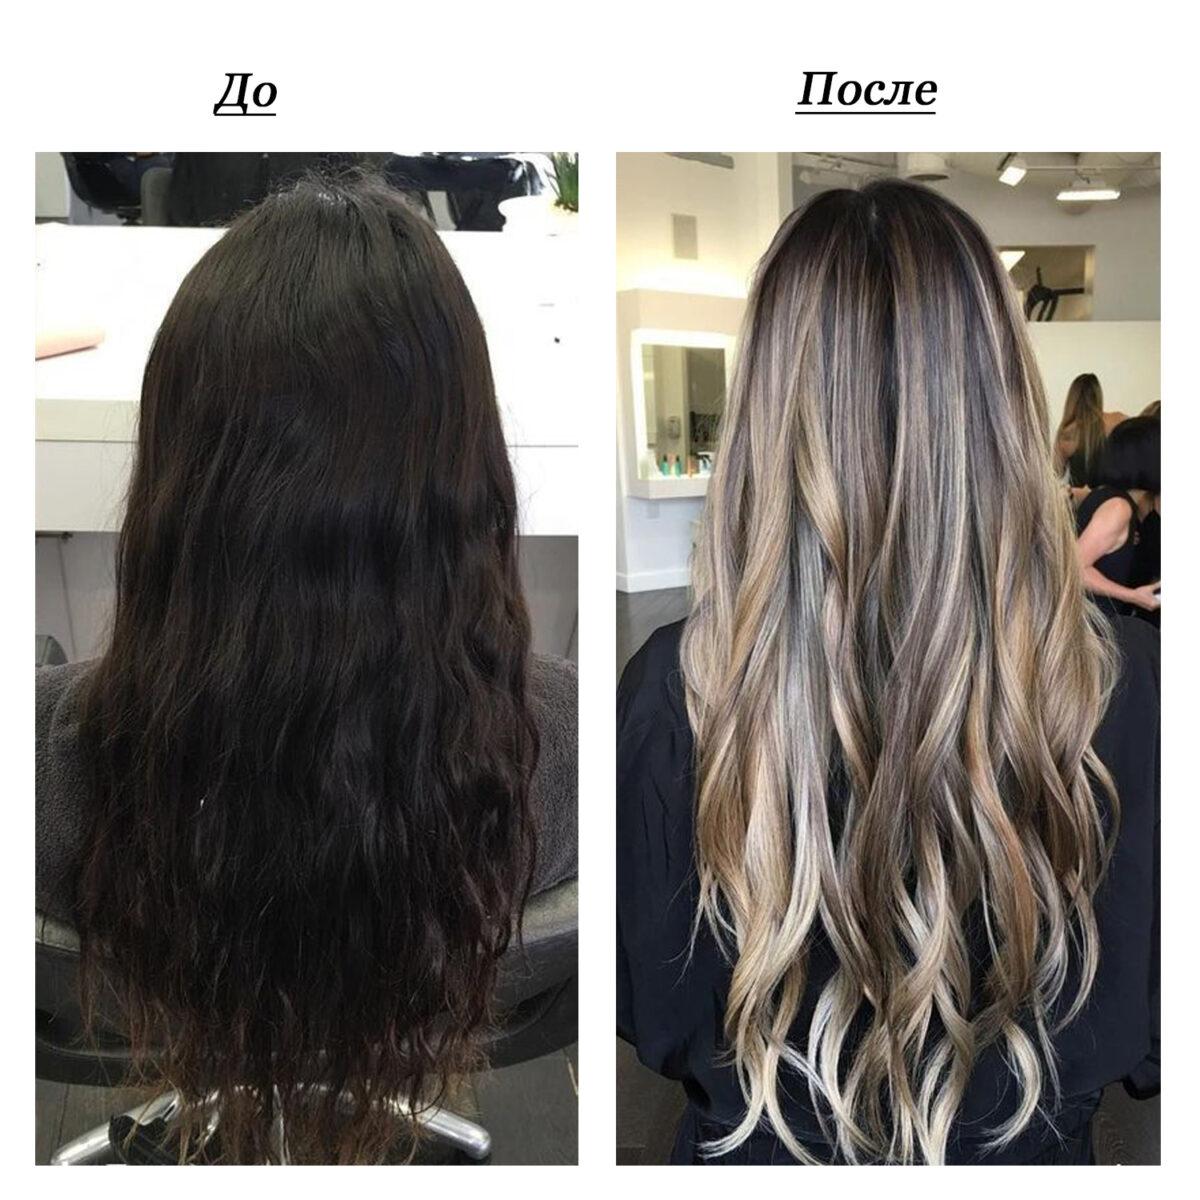 Как можно перекрасить черный цвет волос